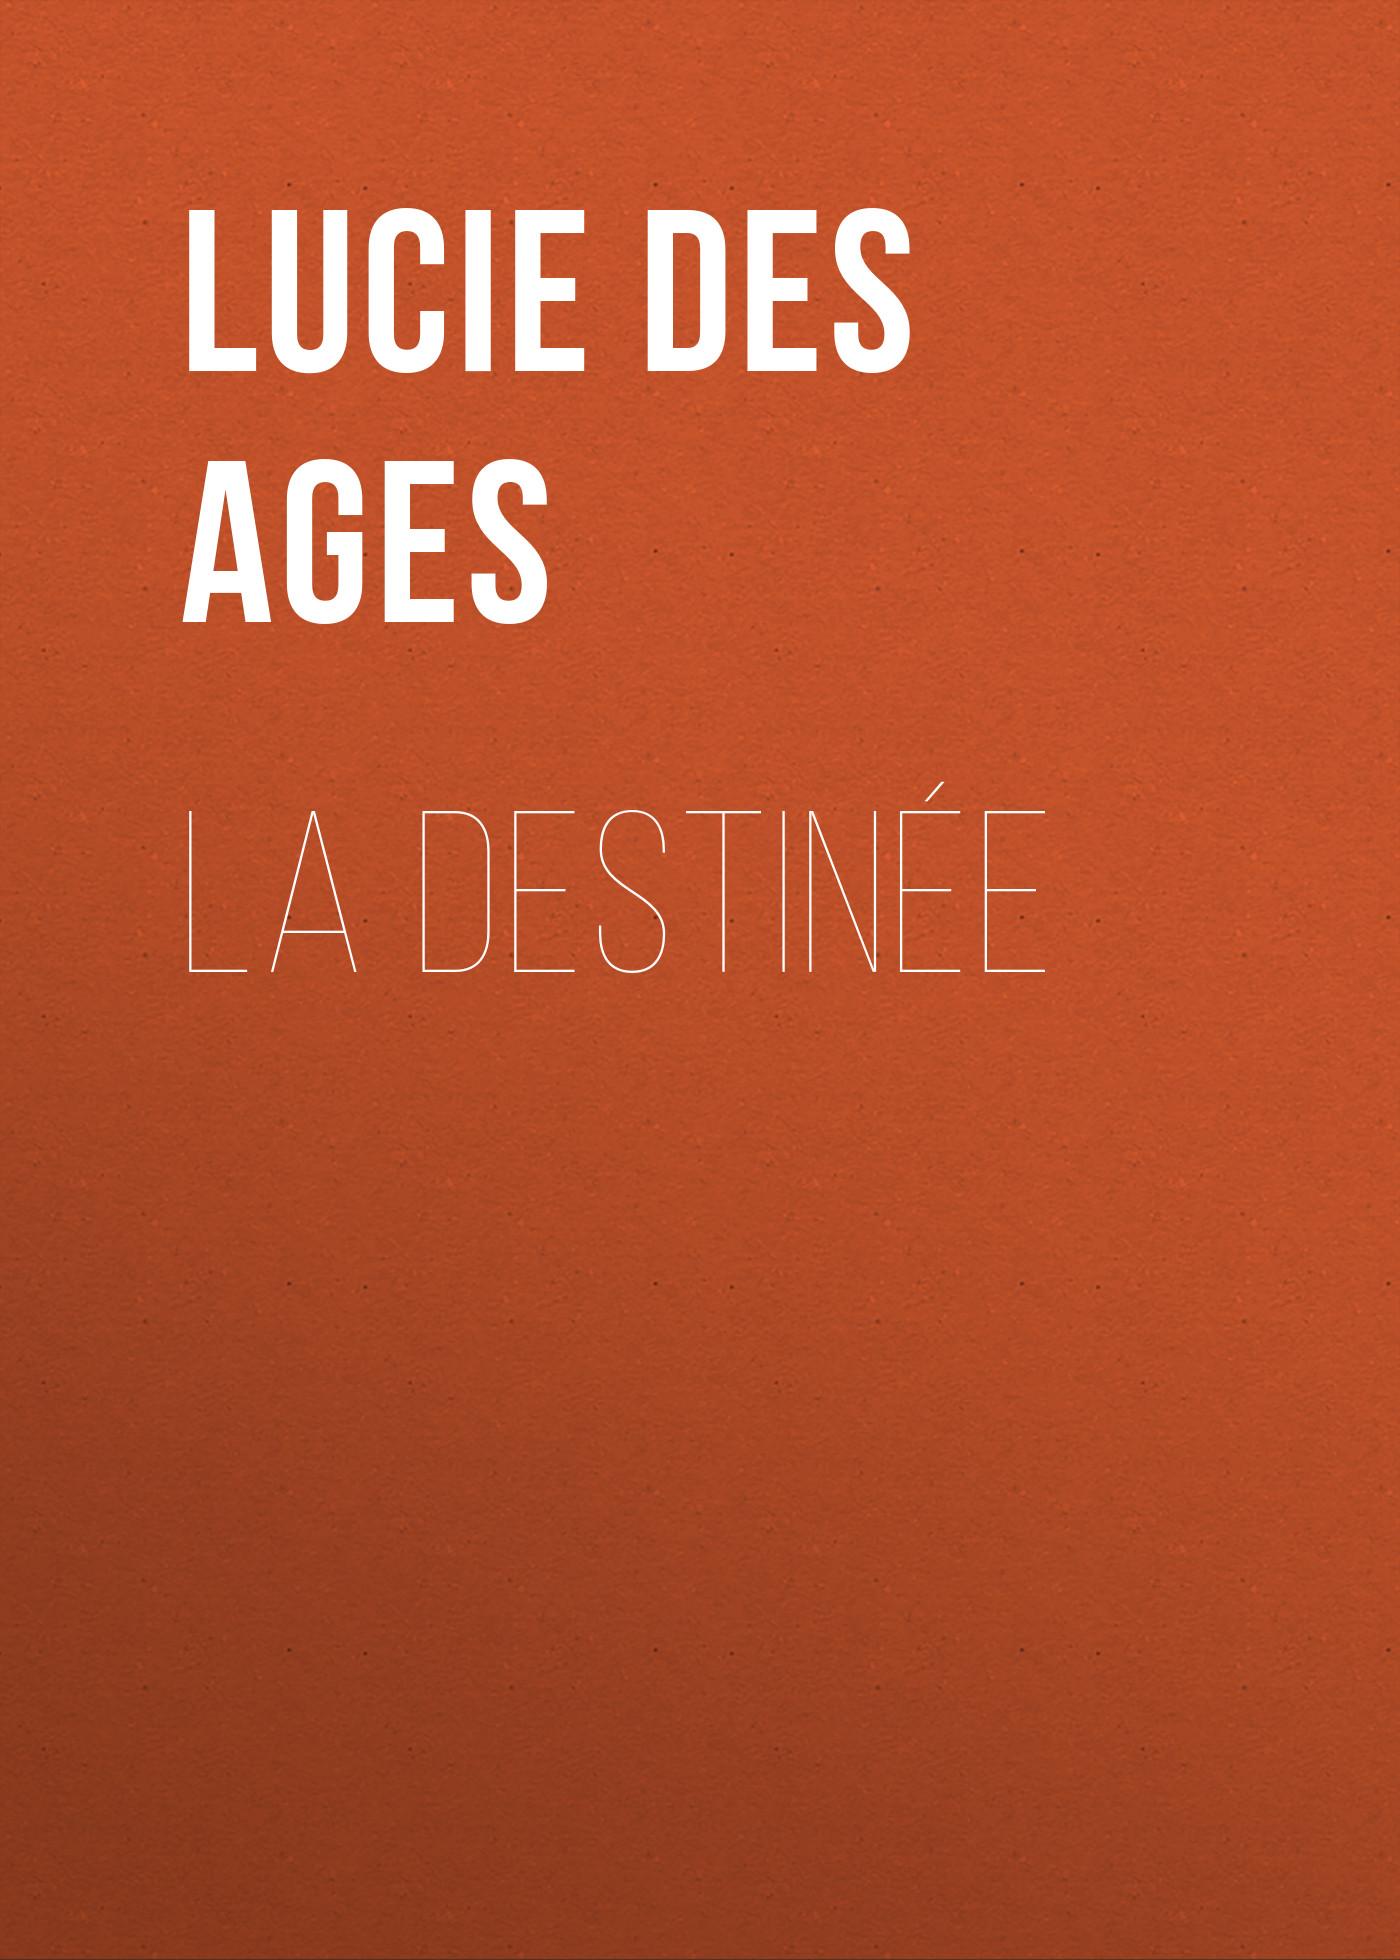 Ages Lucie des La destinée торшер brilliant lucie 93020 17 page 4